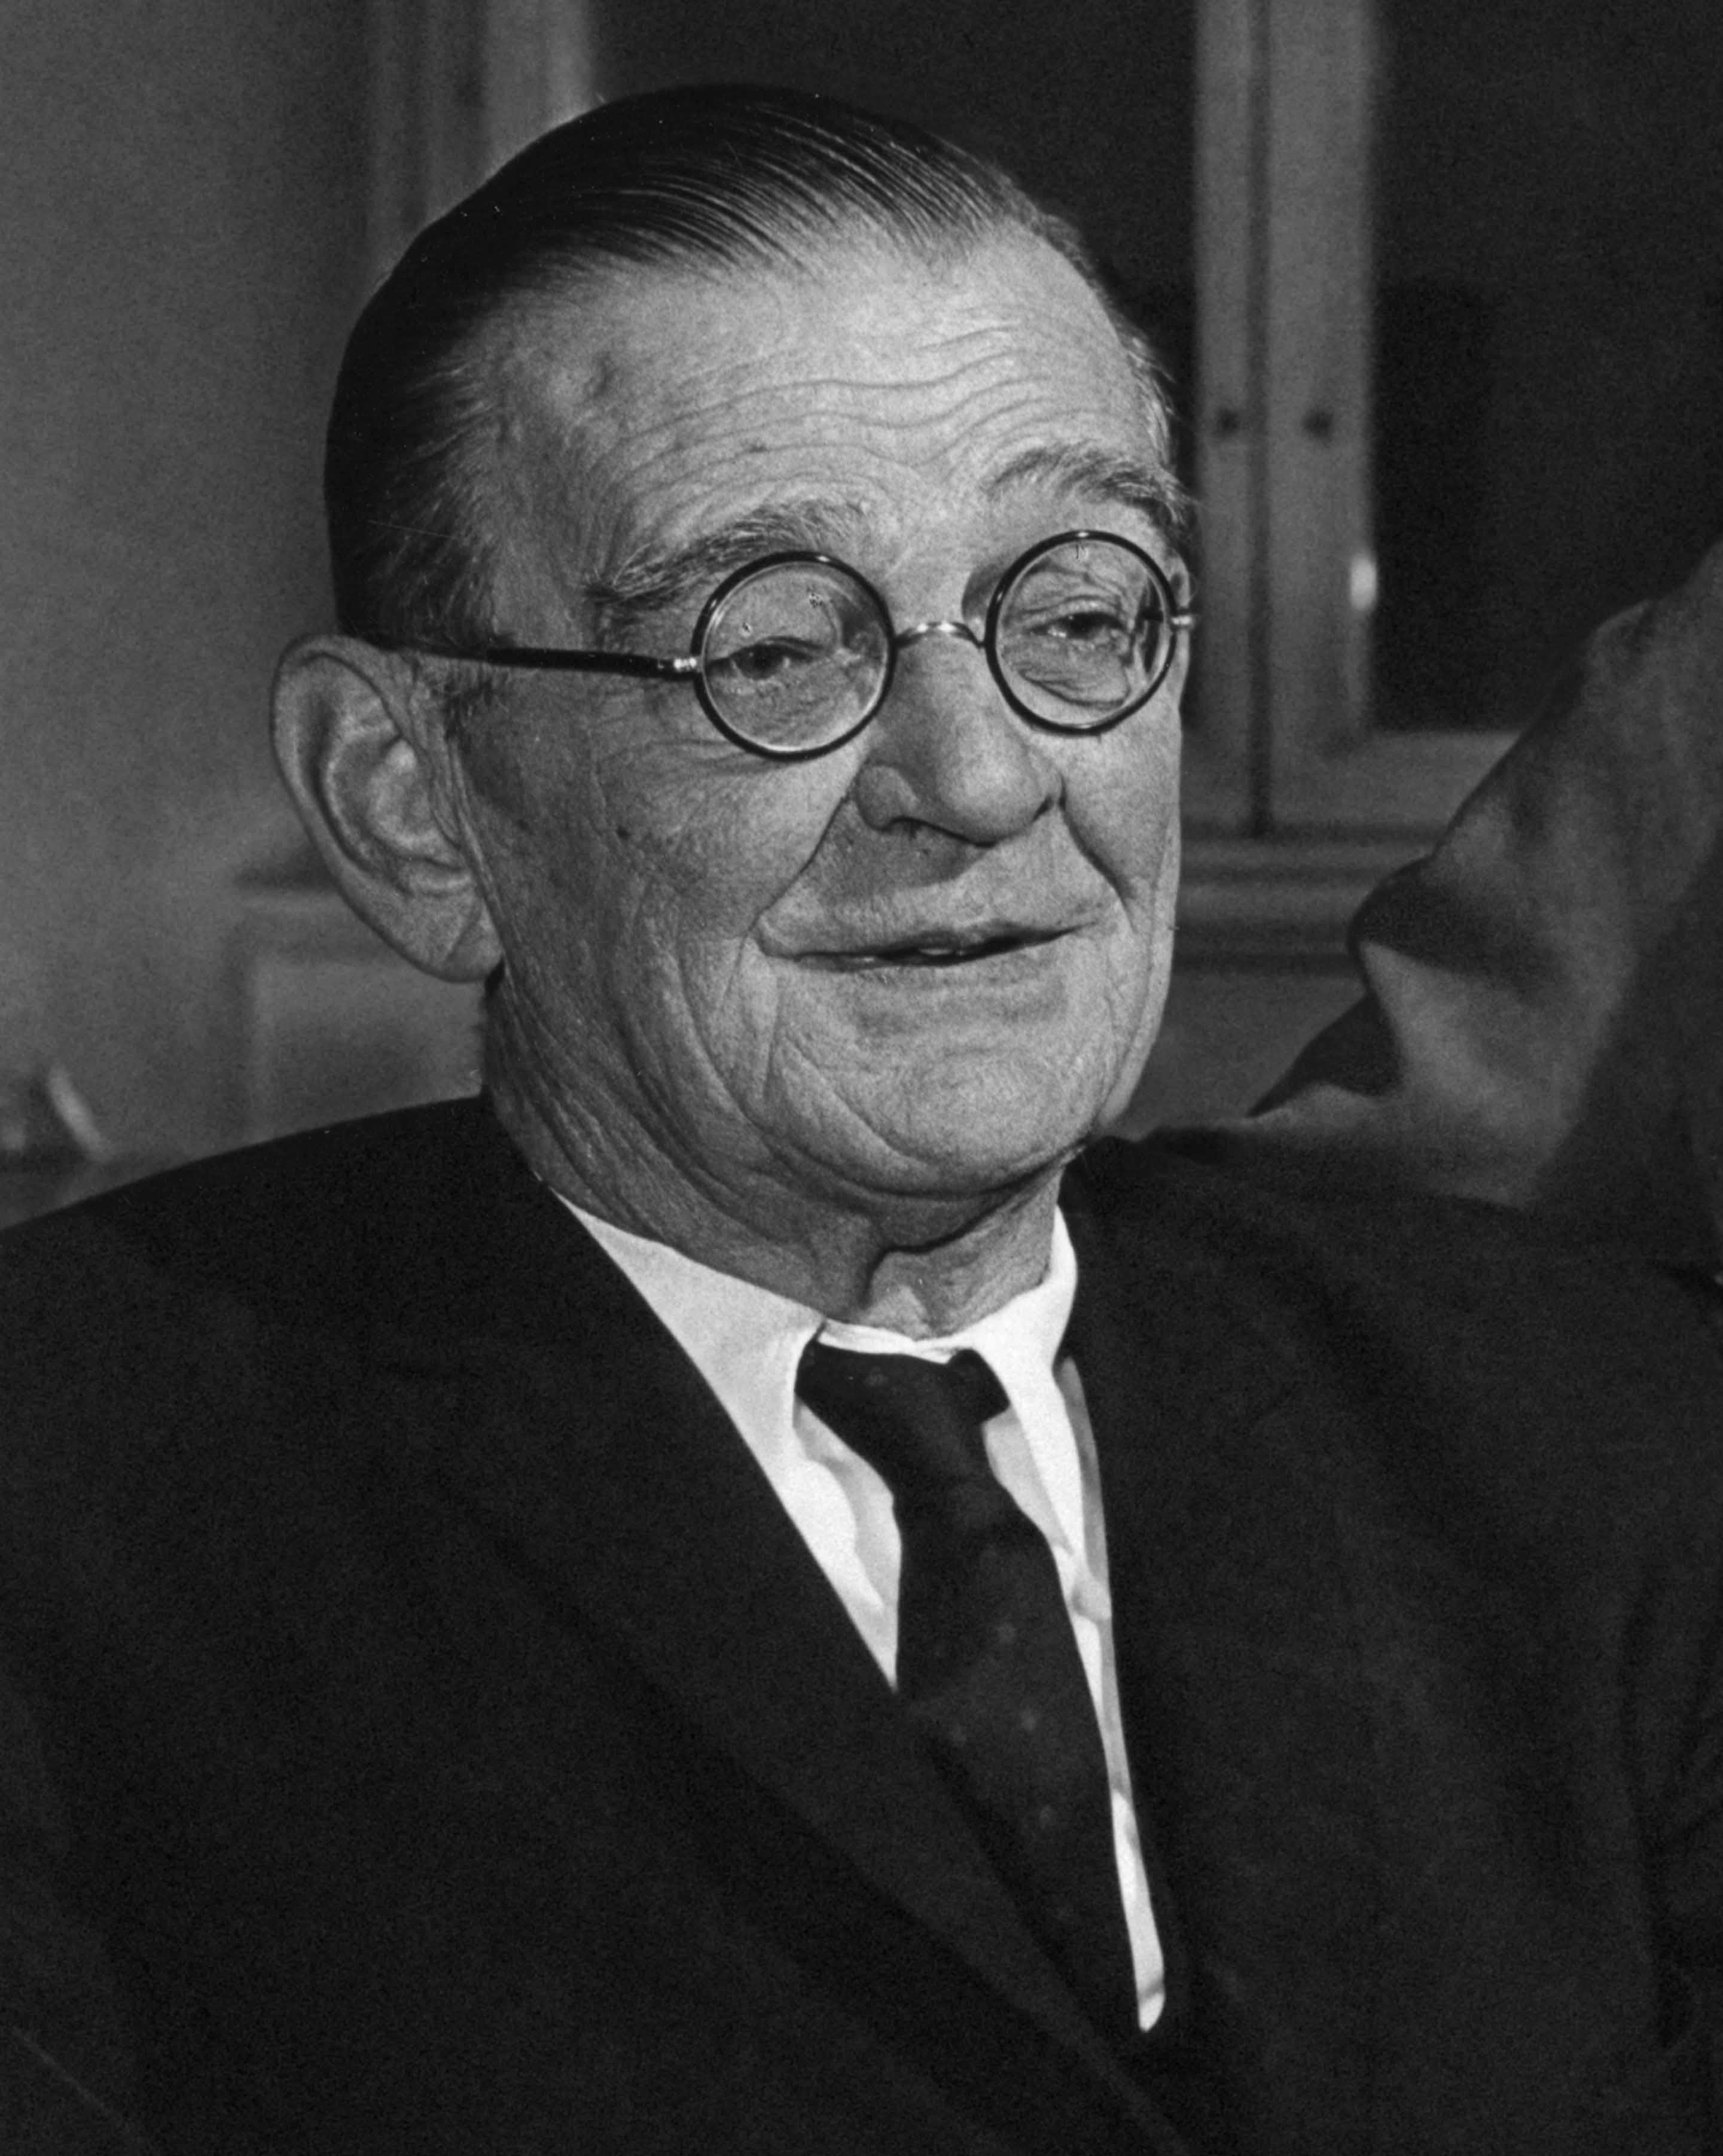 Photograph of Jaroslav Černý